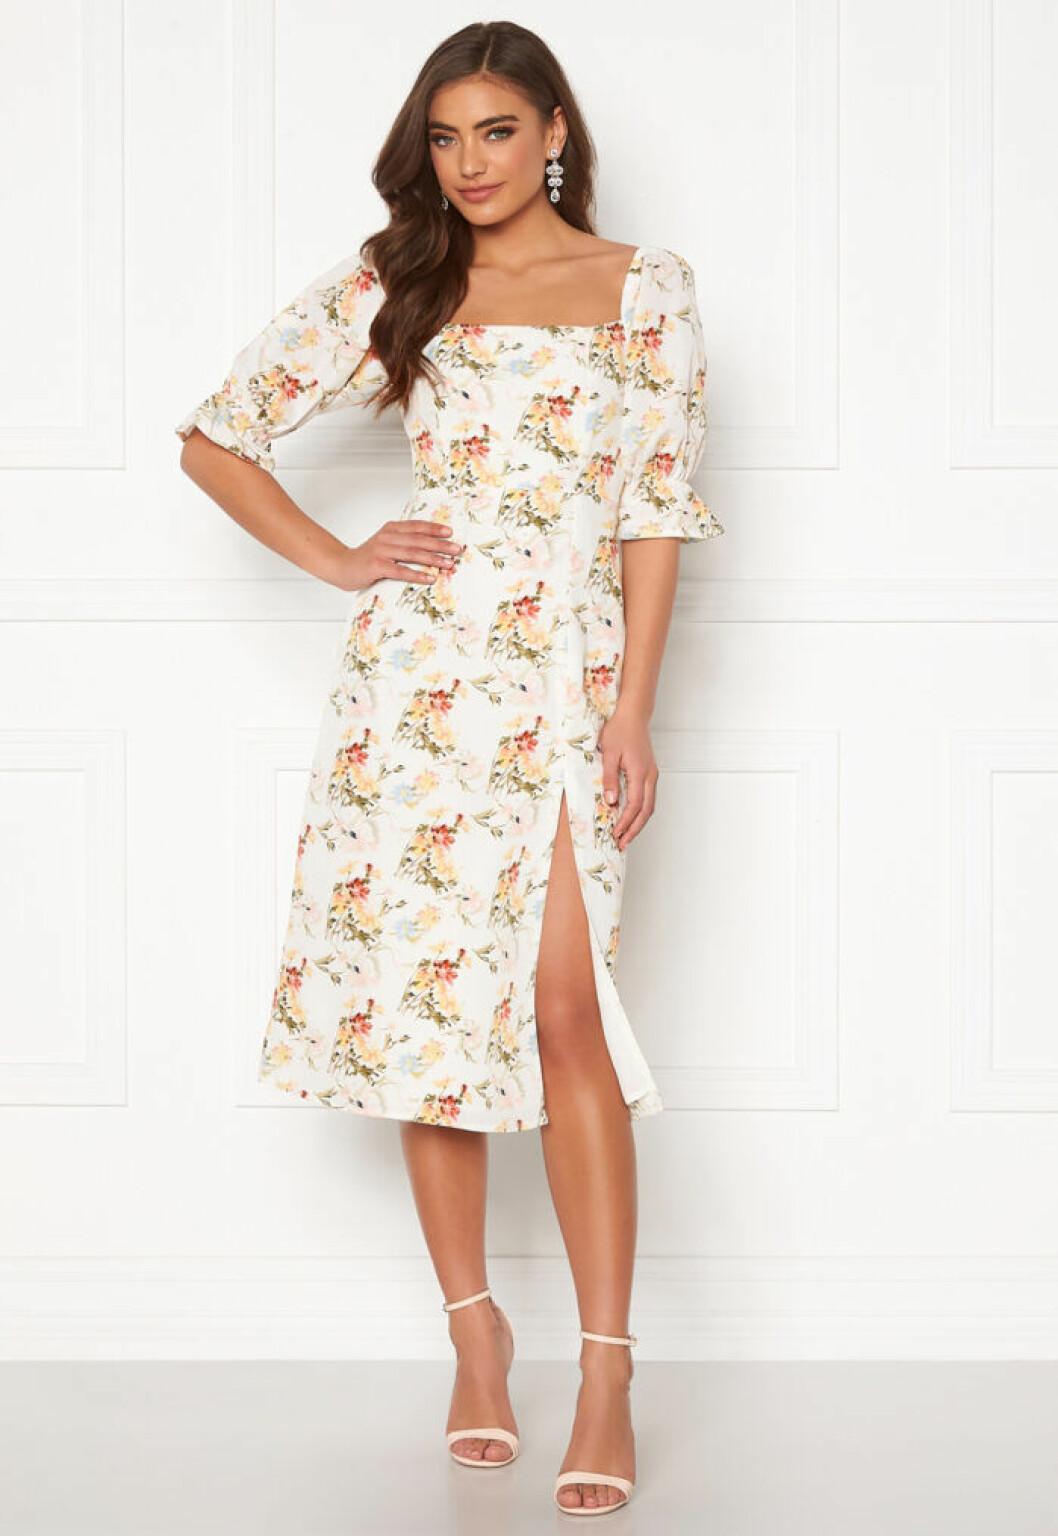 Vit klänning med blommor och puffärm